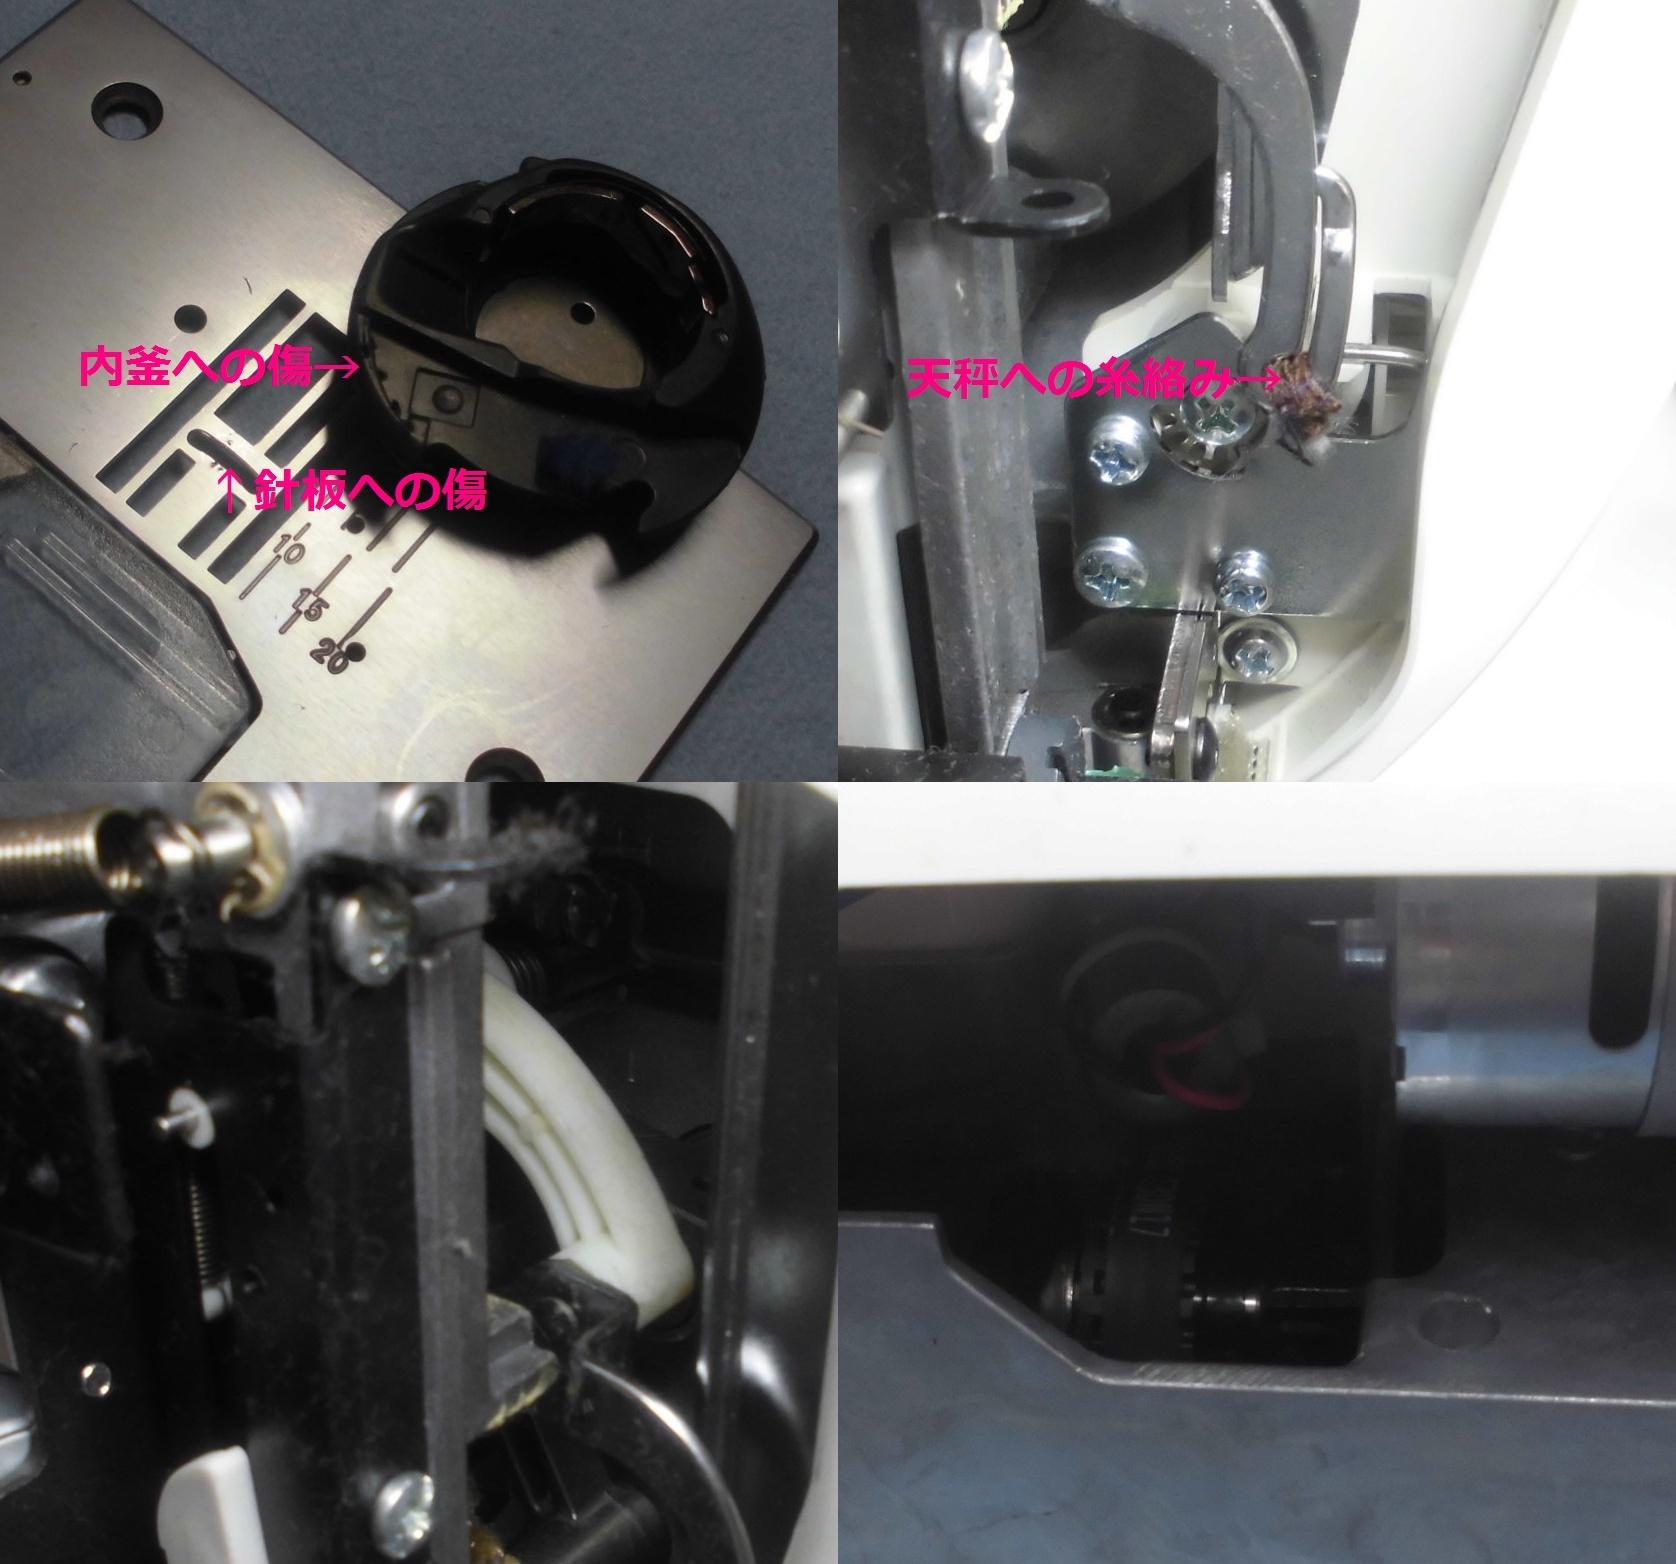 モナミヌウアルファSC-300の全体メンテナンス・修理|シンガーミシン